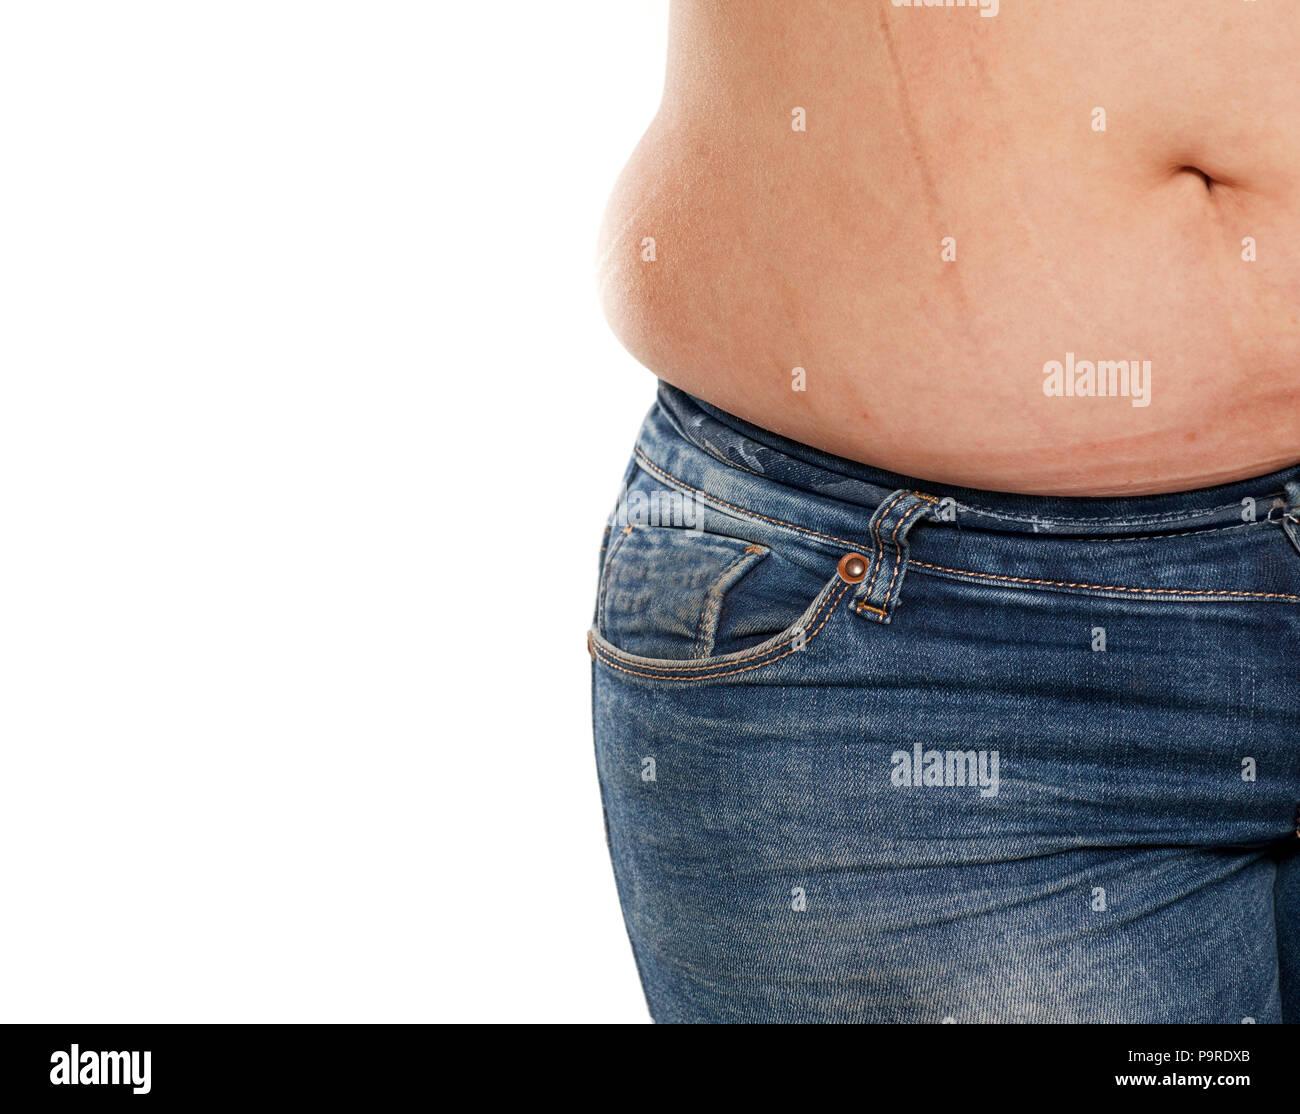 Ragazza di peso eccessivo e pancia grassa Fotografie Stock Ragazza e grasso di peso eccessivo-6686